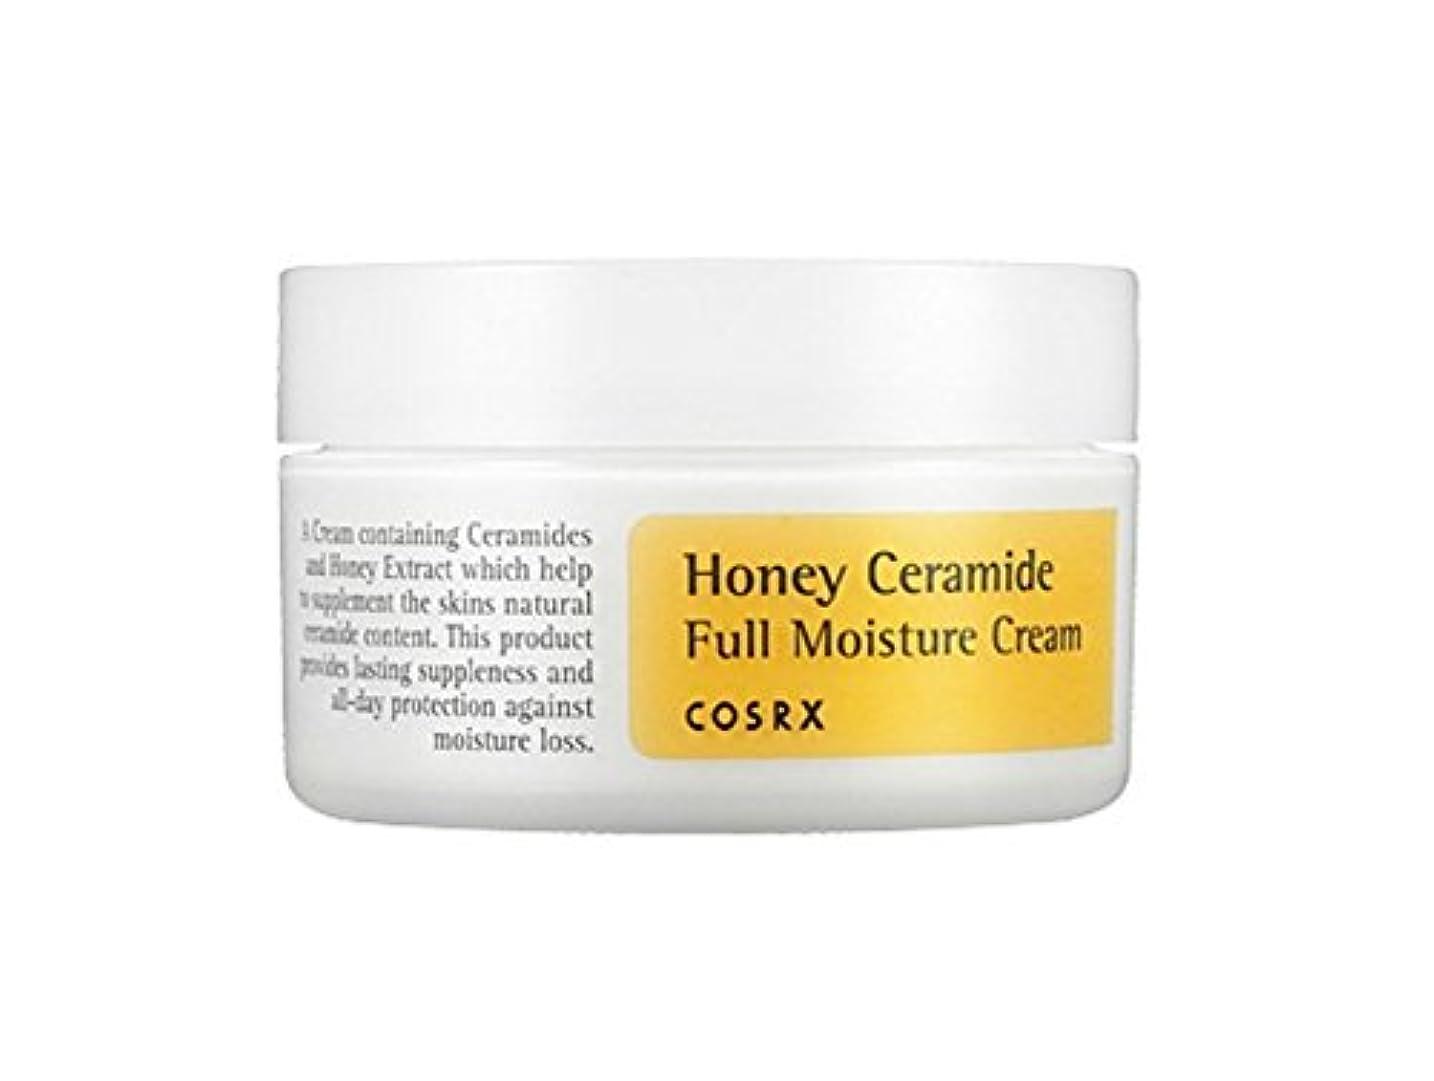 財布オン革命COSRX Honey Ceramide Full Moisture Cream 50ml/COSRX ハニー セラミド フル モイスチャー クリーム 50ml [並行輸入品]